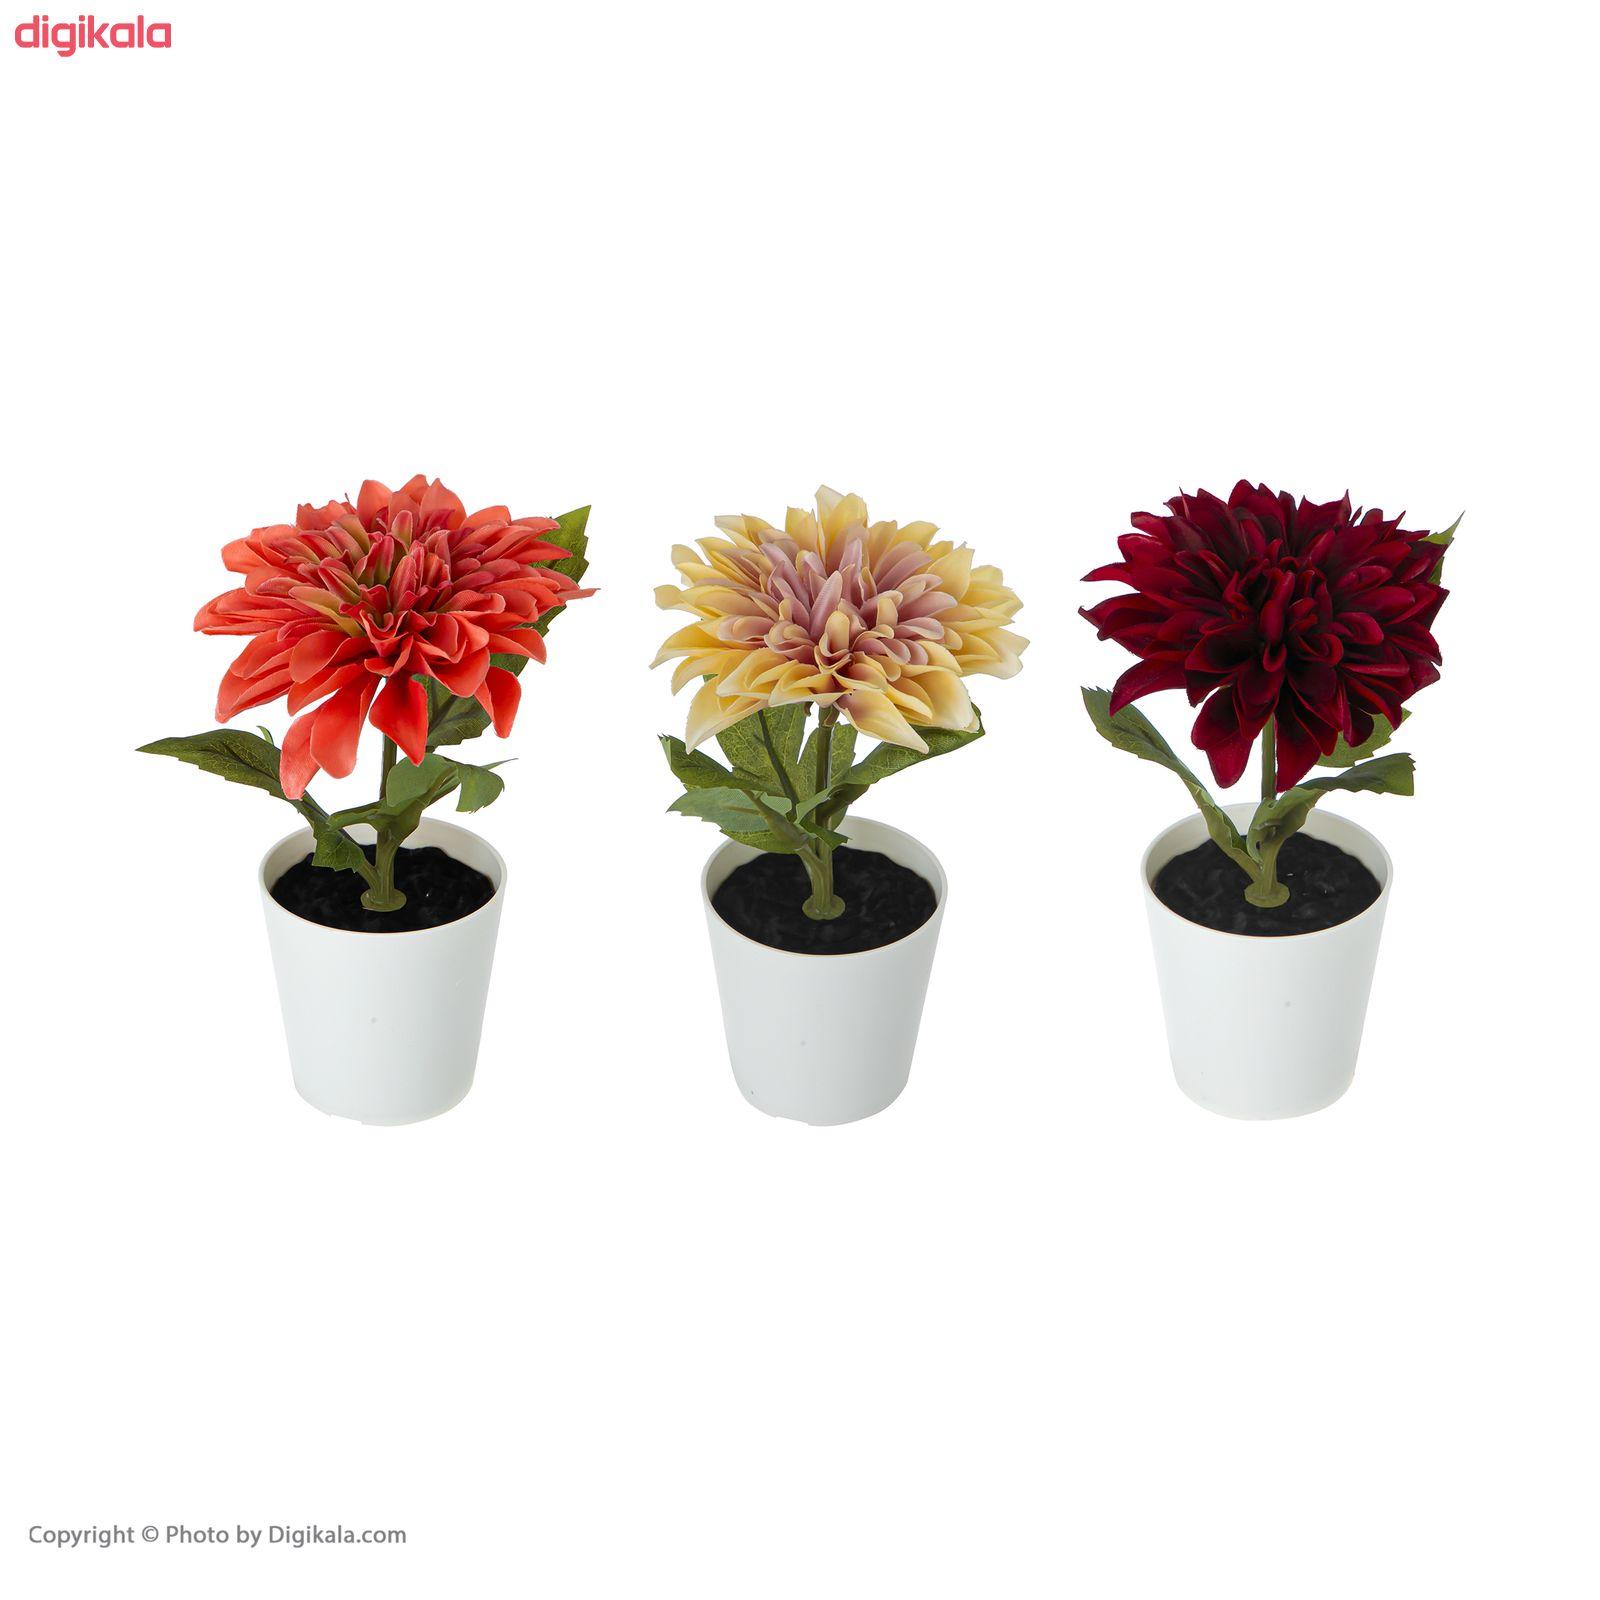 گلدان به همراه گل مصنوعی ایکیا مدل FEJKA مجموعه 3 عددی main 1 3